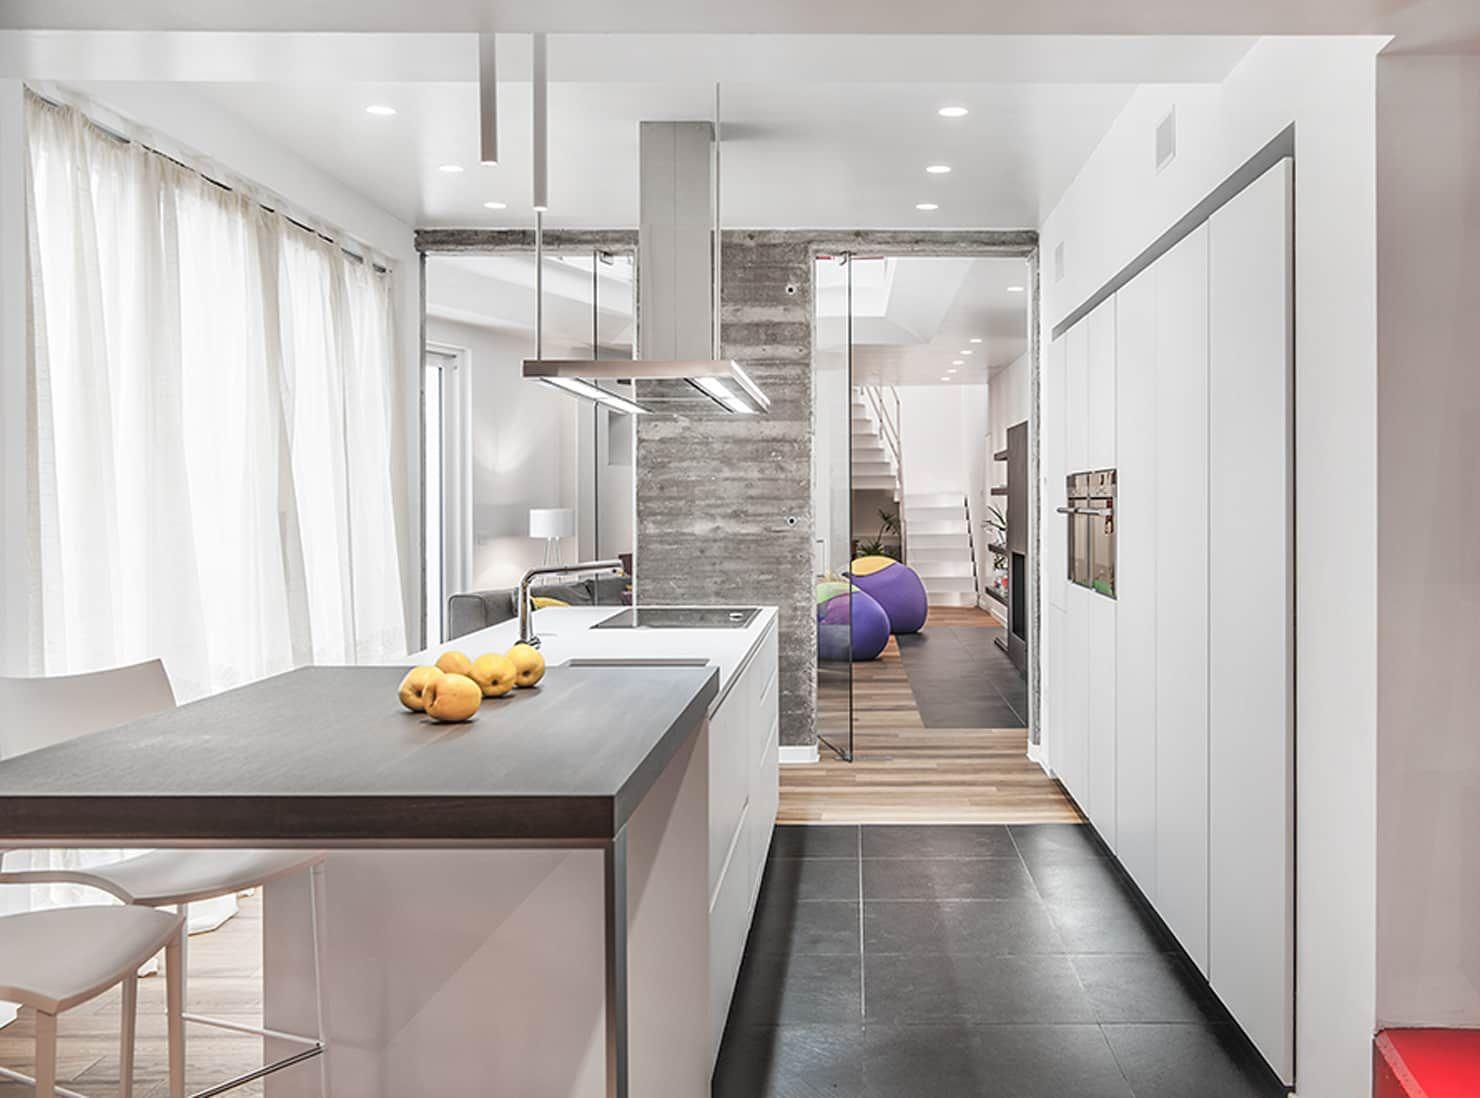 Küche k design wohnideen interior design einrichtungsideen u bilder